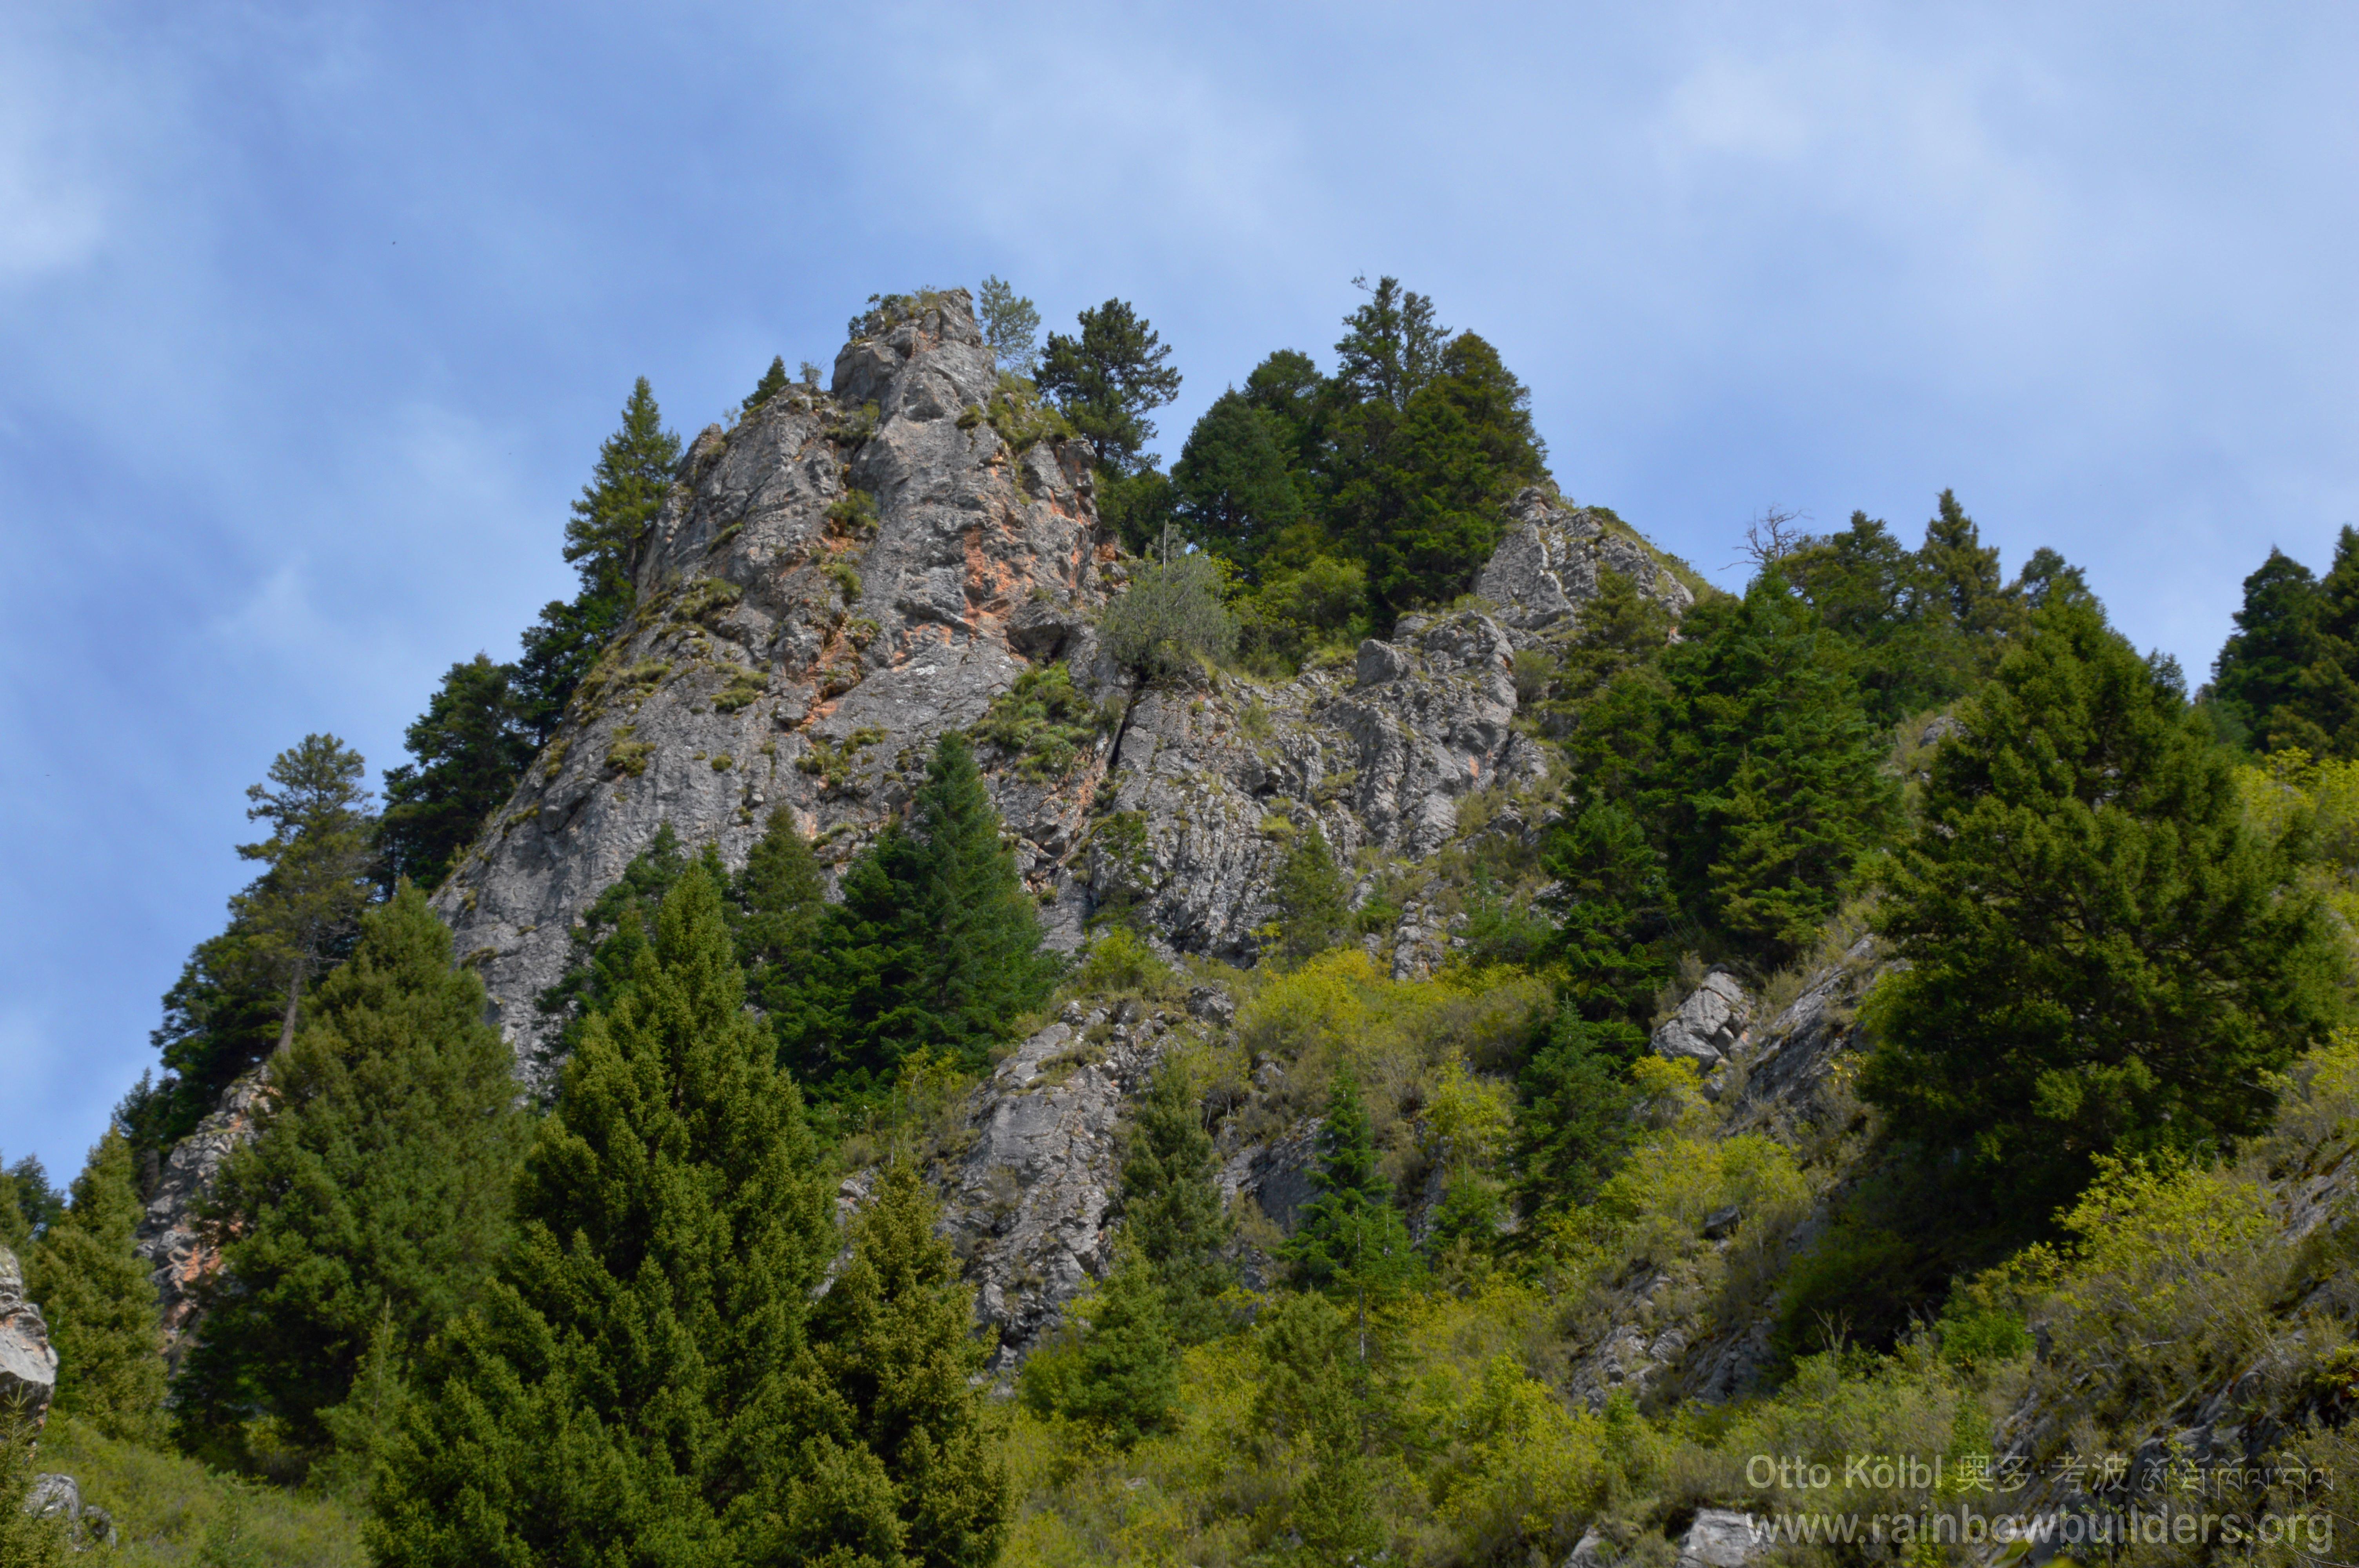 mountains pine trees - photo #8